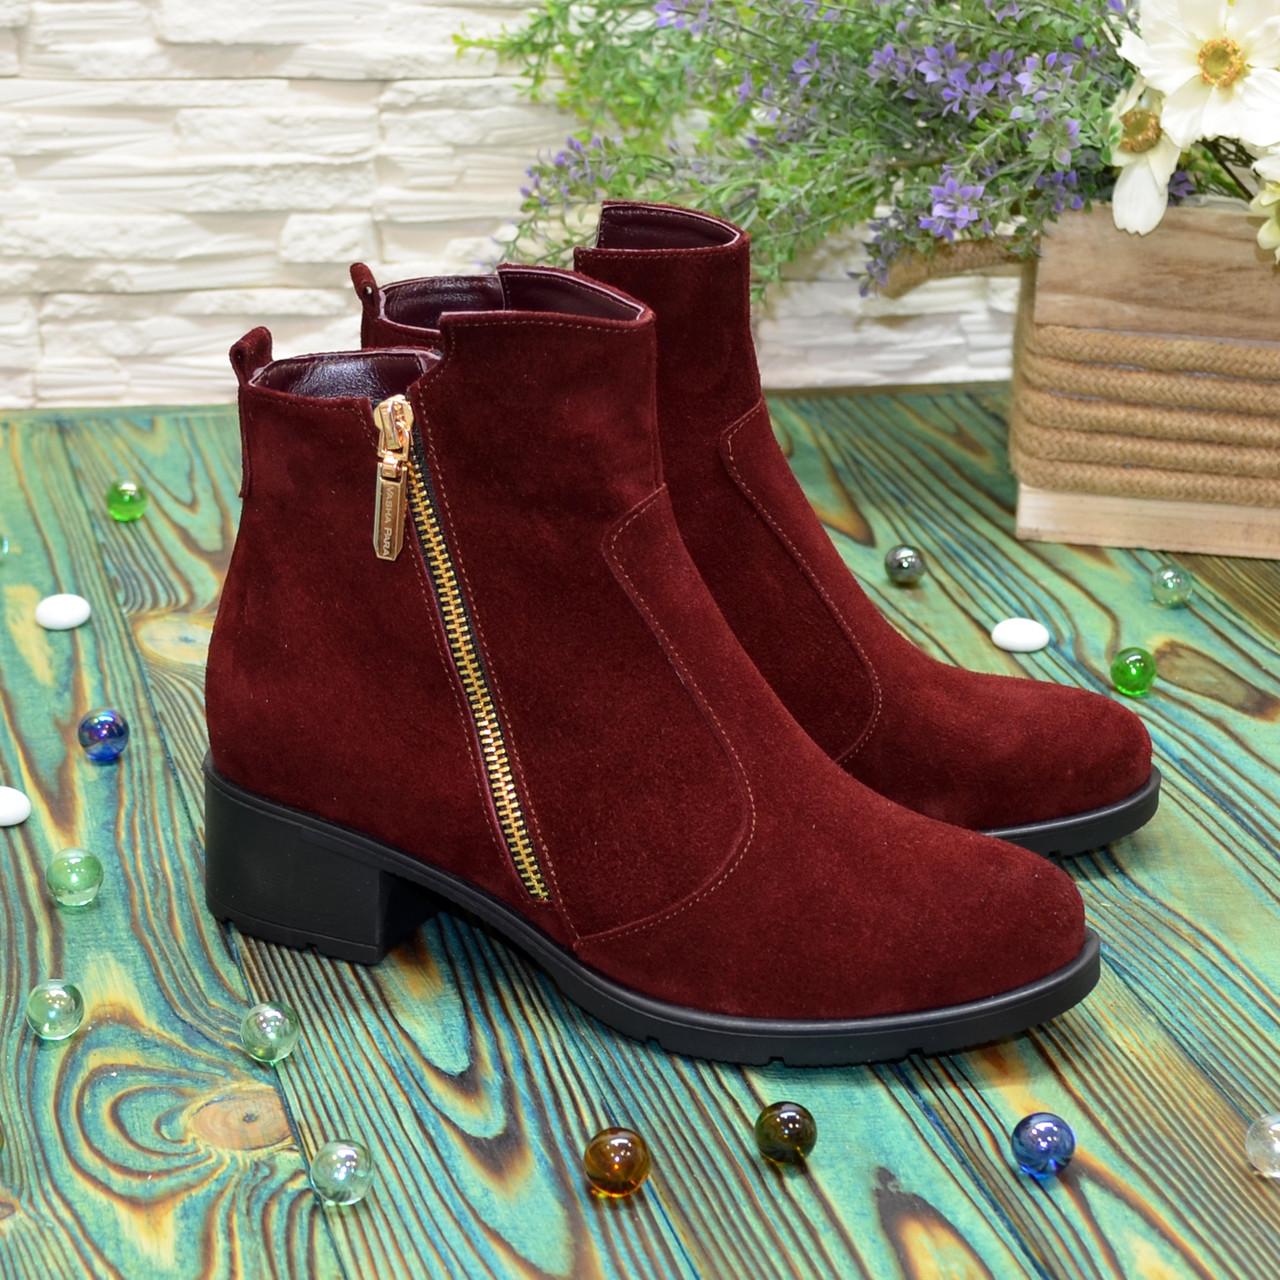 Женские зимние замшевые полуботинки на невысоком каблуке, цвет бордо